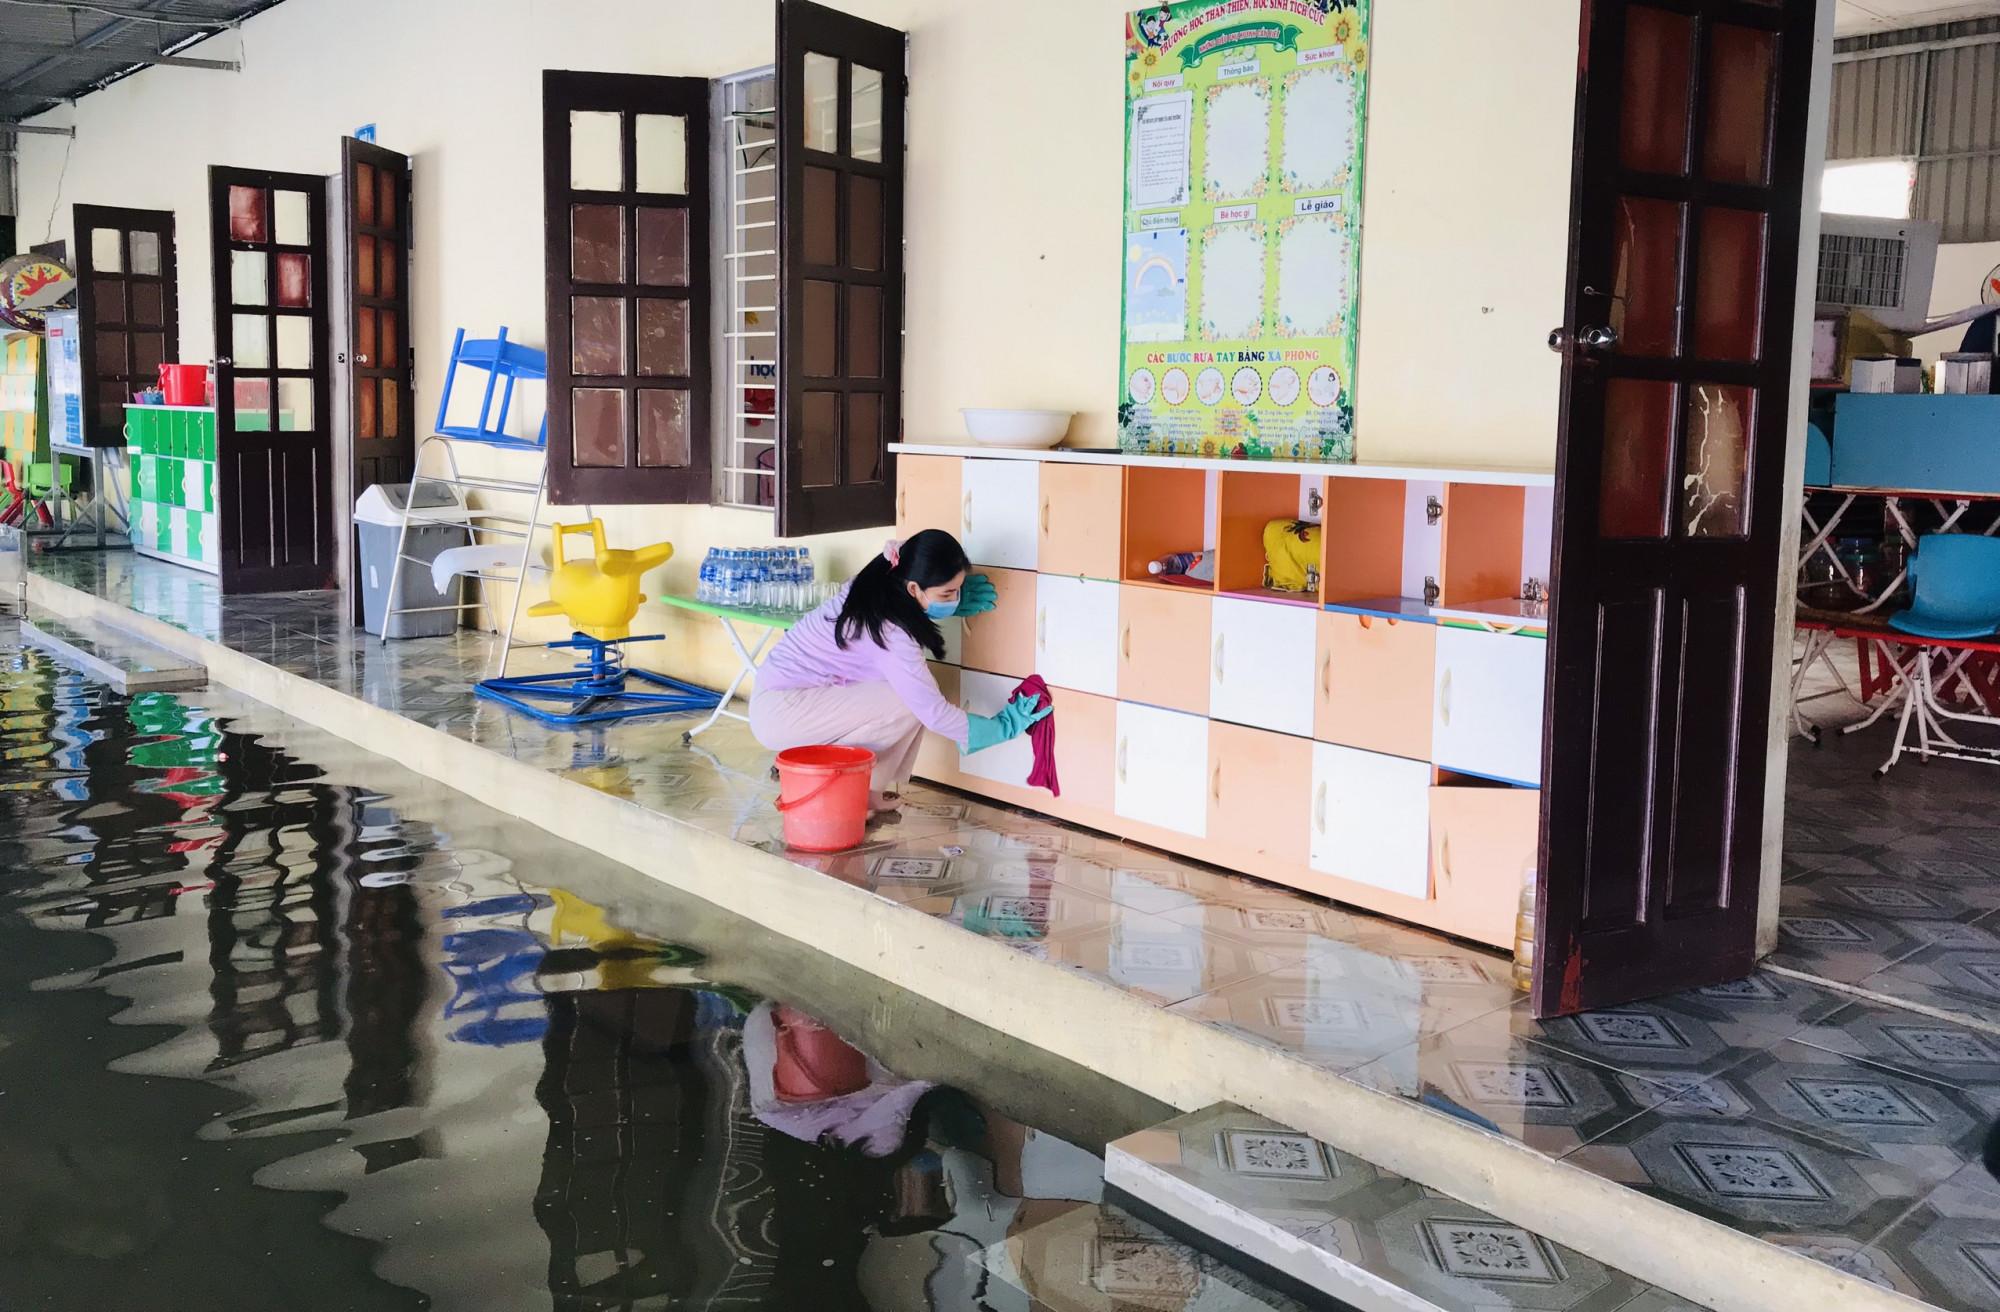 Với mong muốn học sinh sớm được quay lại trường học, các giáo viên ở các trường bị ngập được huy động đến trường dọn dẹp. Nước rút đến đâu, các cô tranh thủ lau bùn đất đến đó, tránh những lớp bùn non bám khô trên tường, đồ dùng học tập.